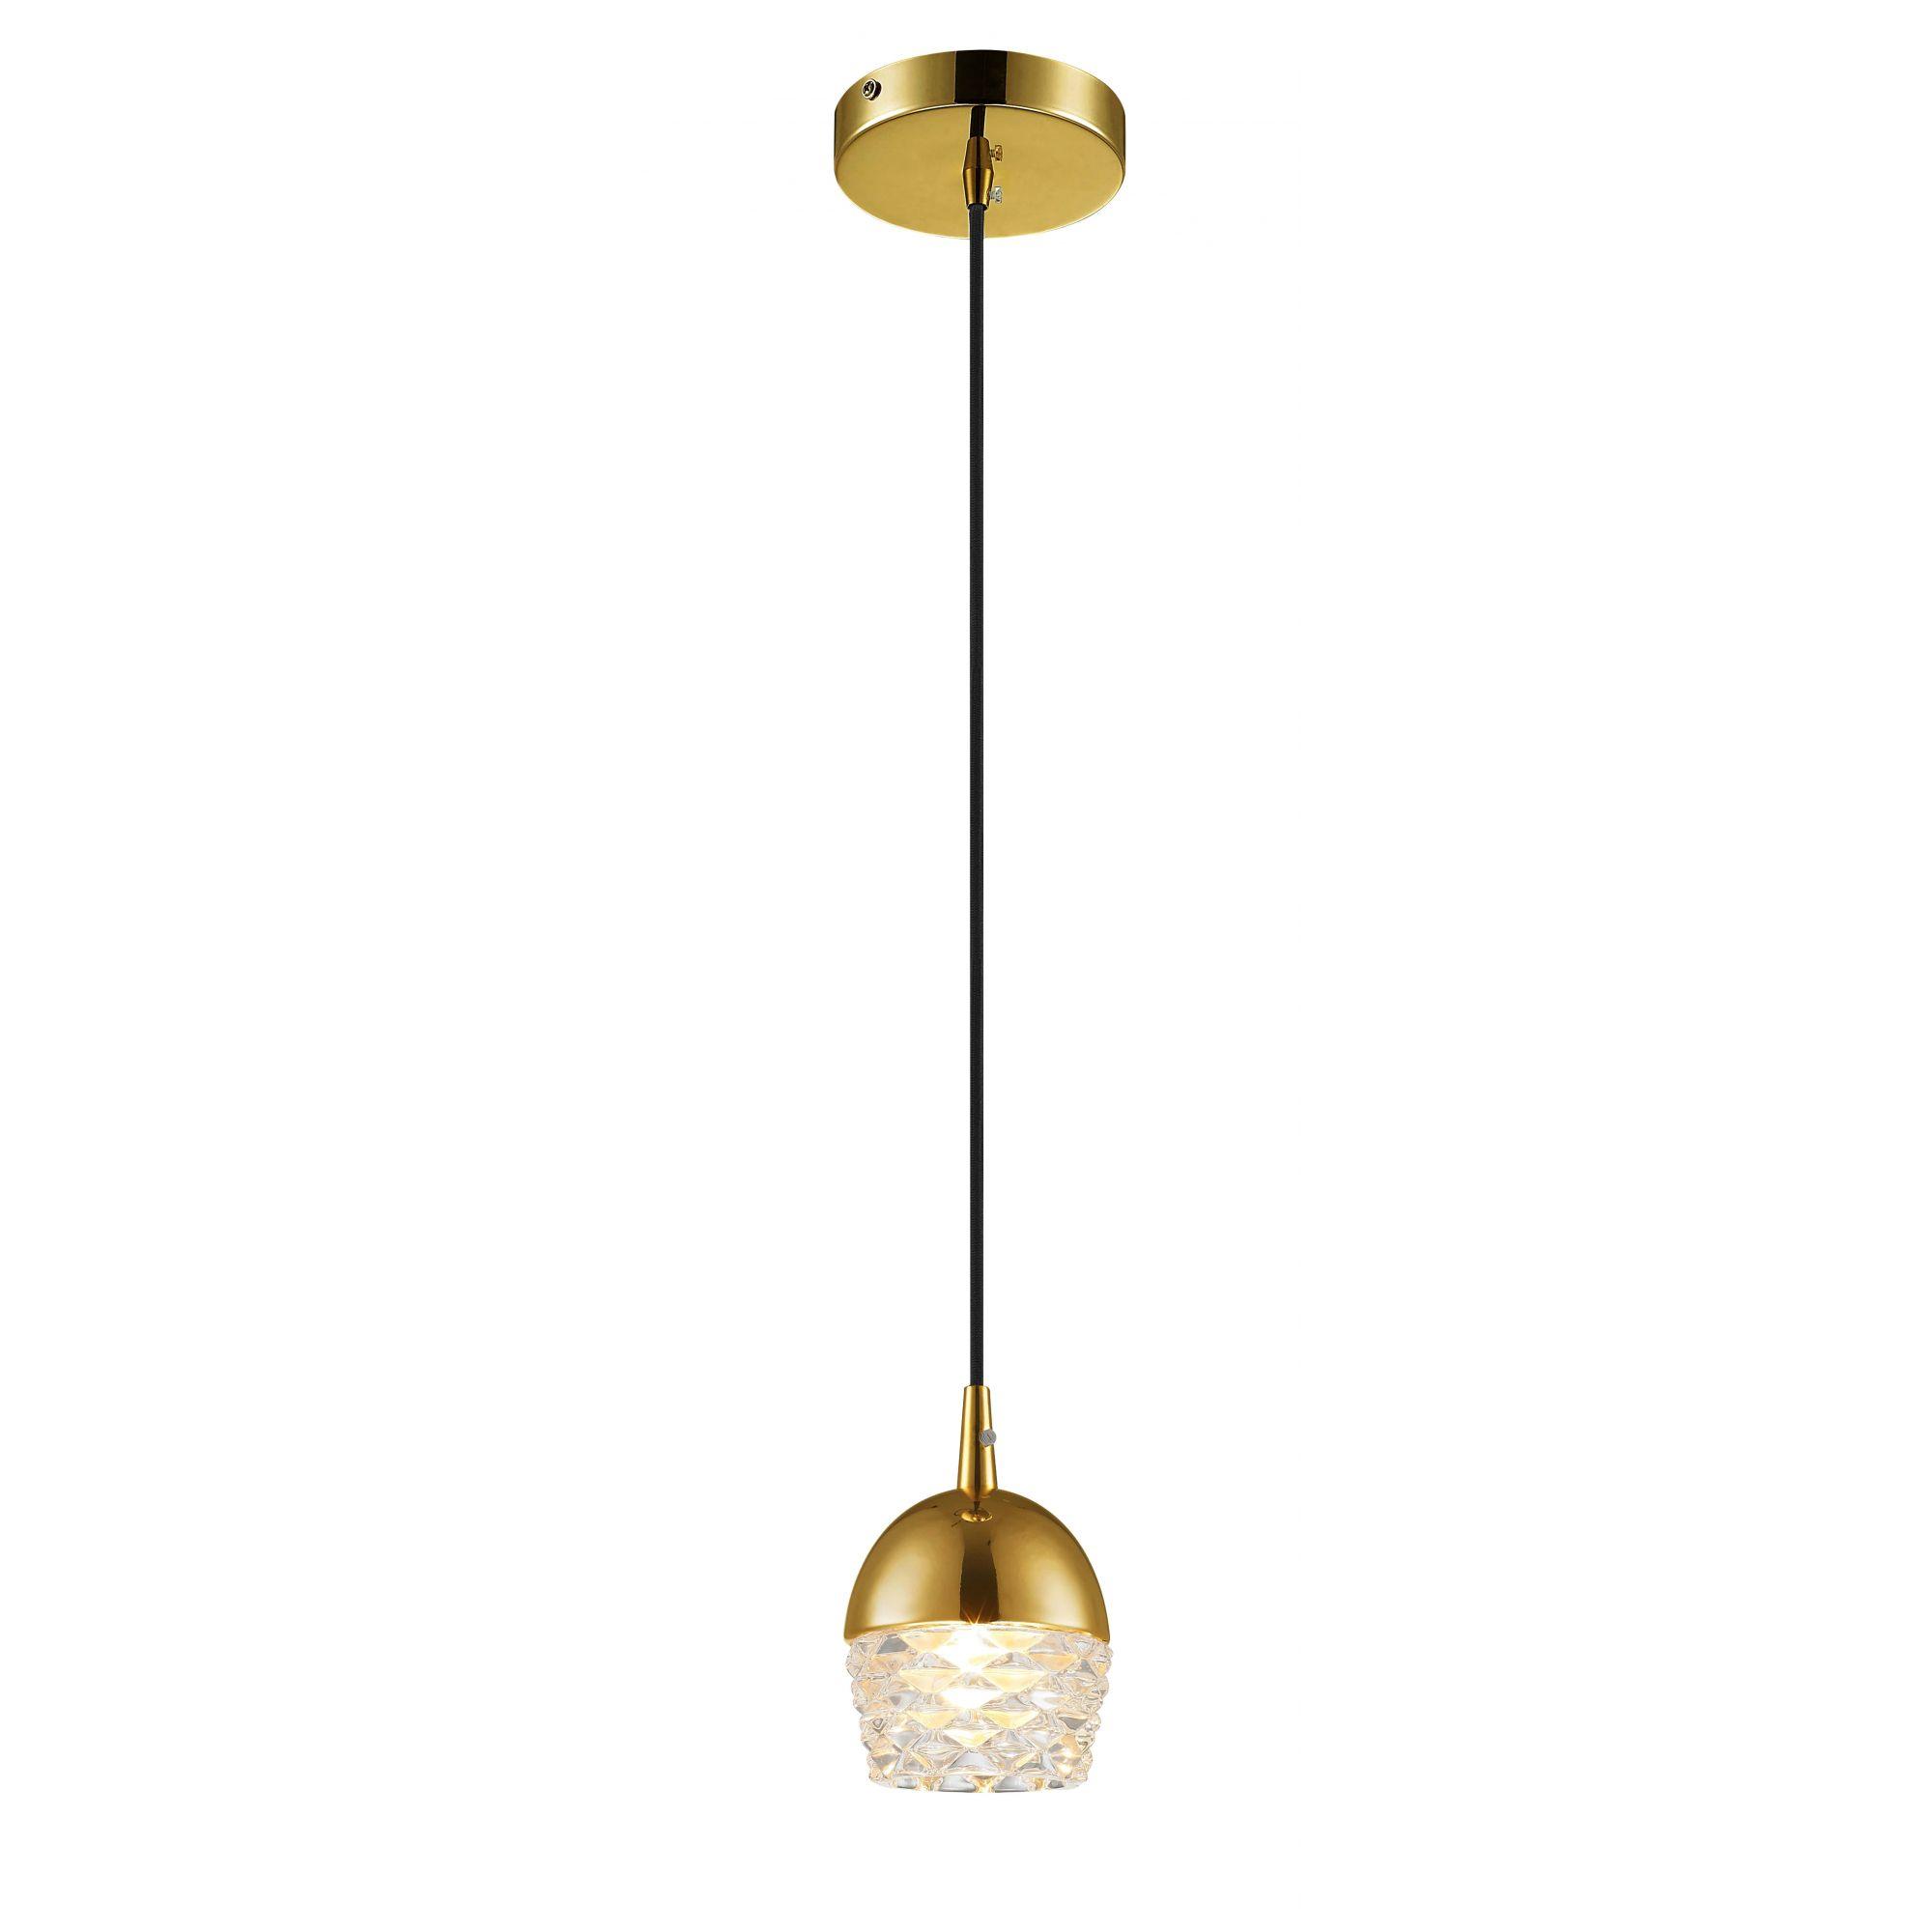 Pendente Elegante em Vidro e Aço Dourado 10cm x 14cm Mais Luz